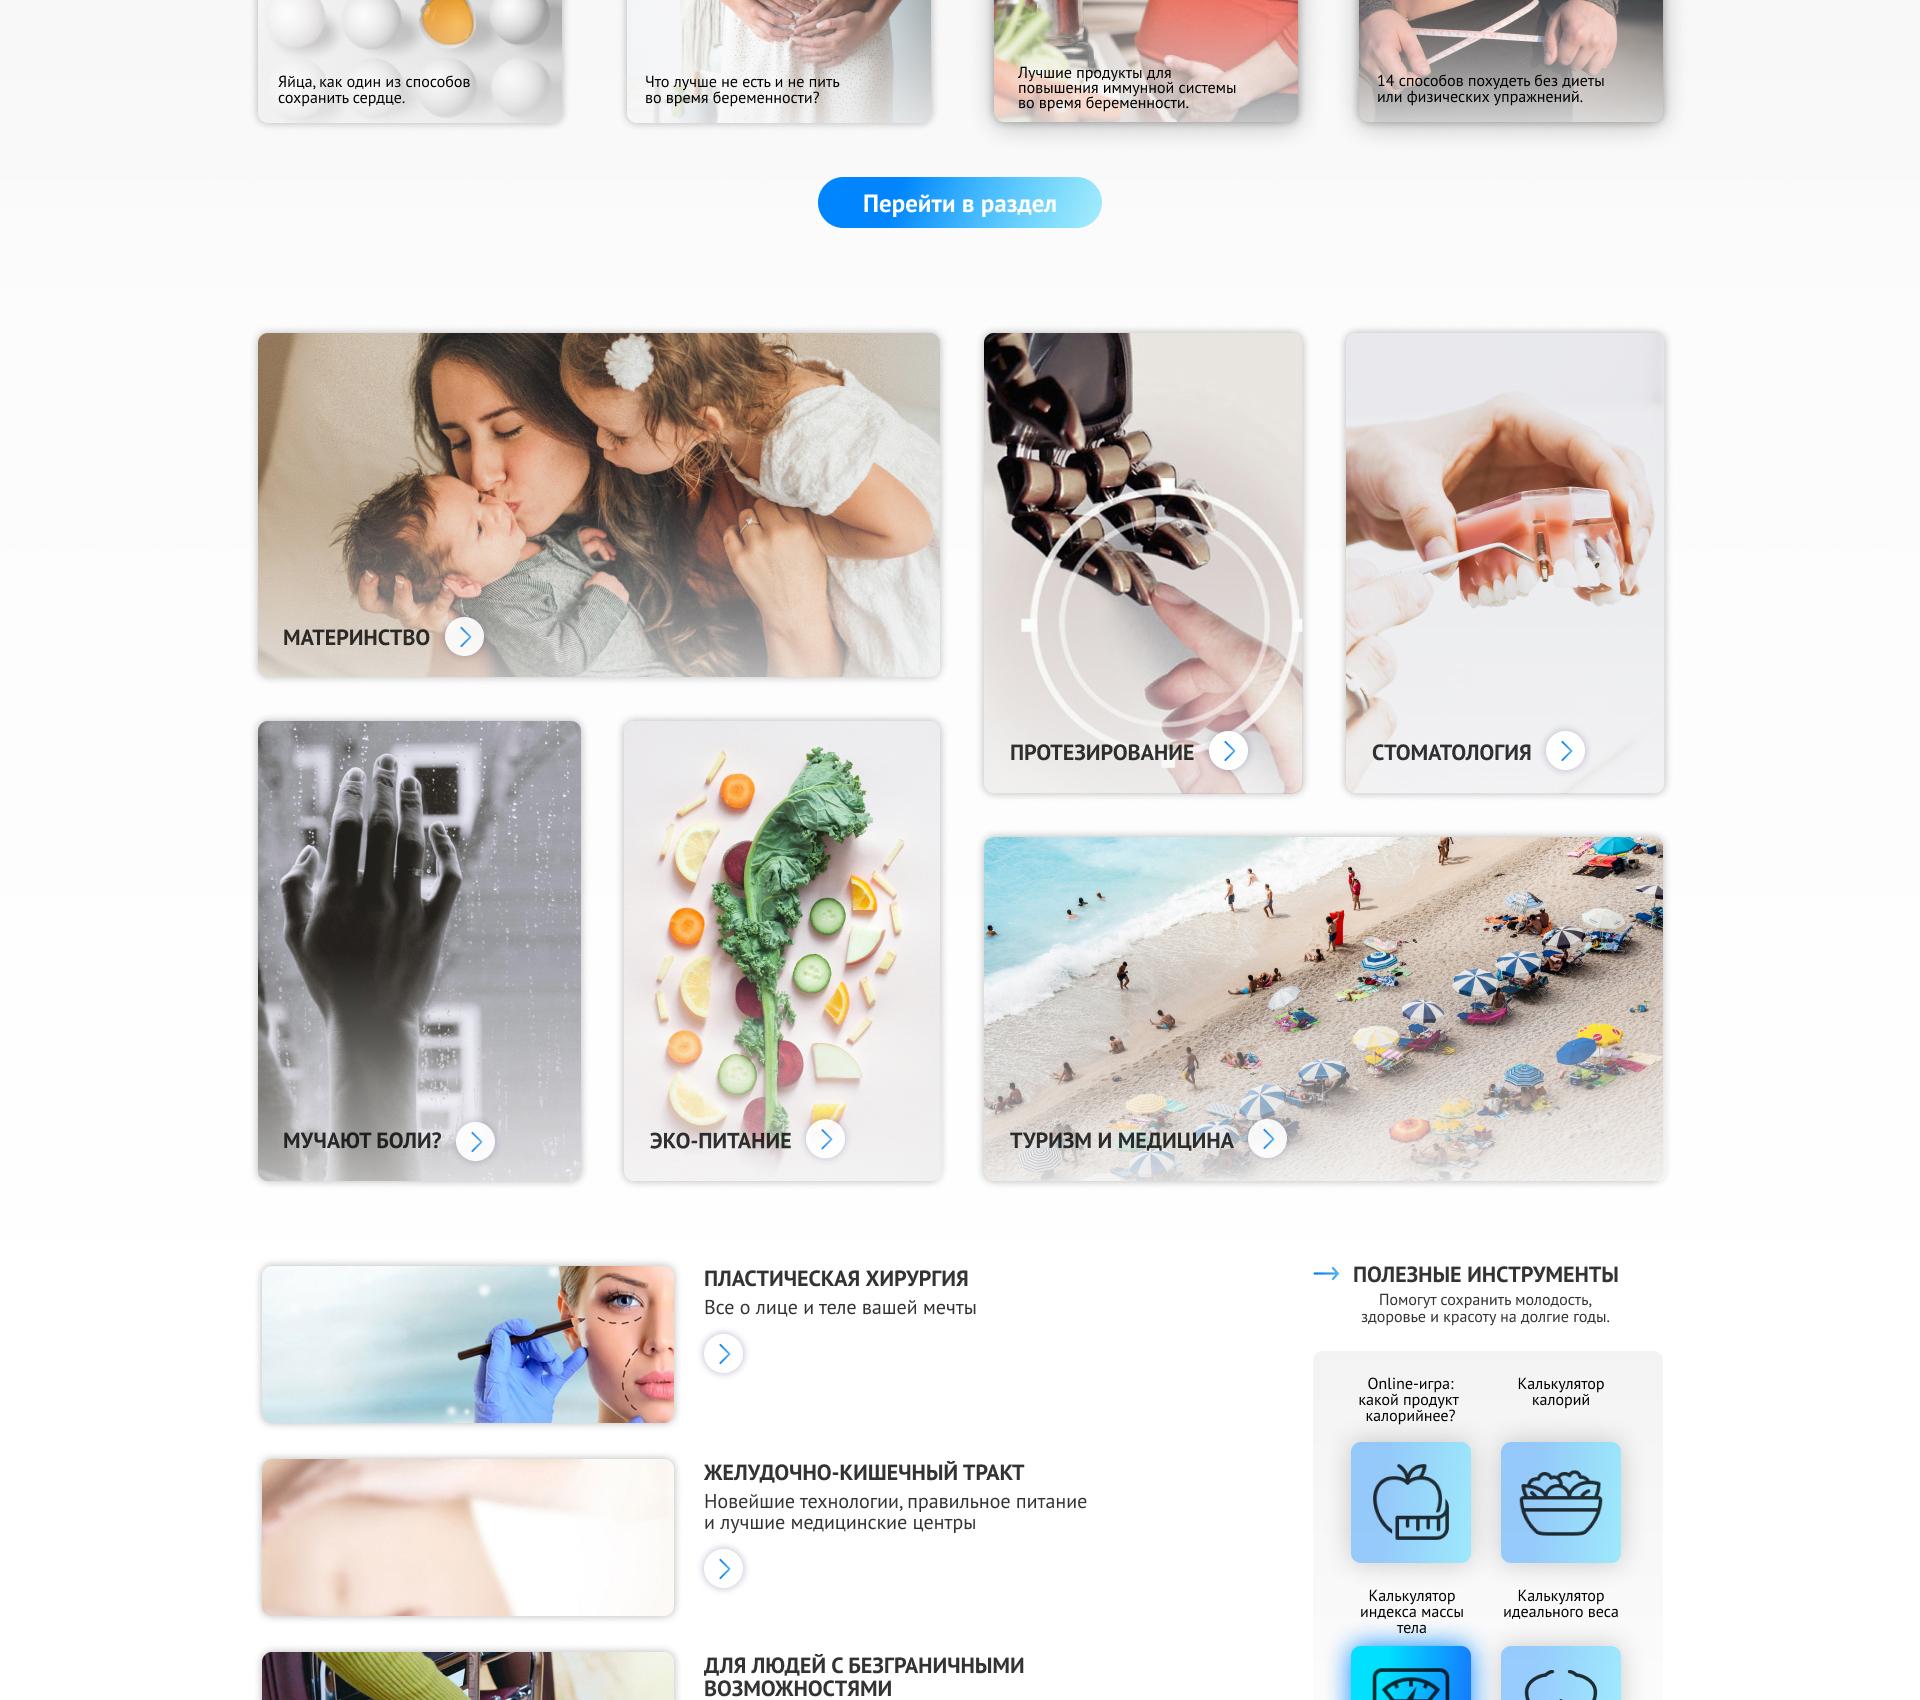 Редизайн главной страницы портала mednews24.ru фото f_7345d9de07cd07e5.jpg